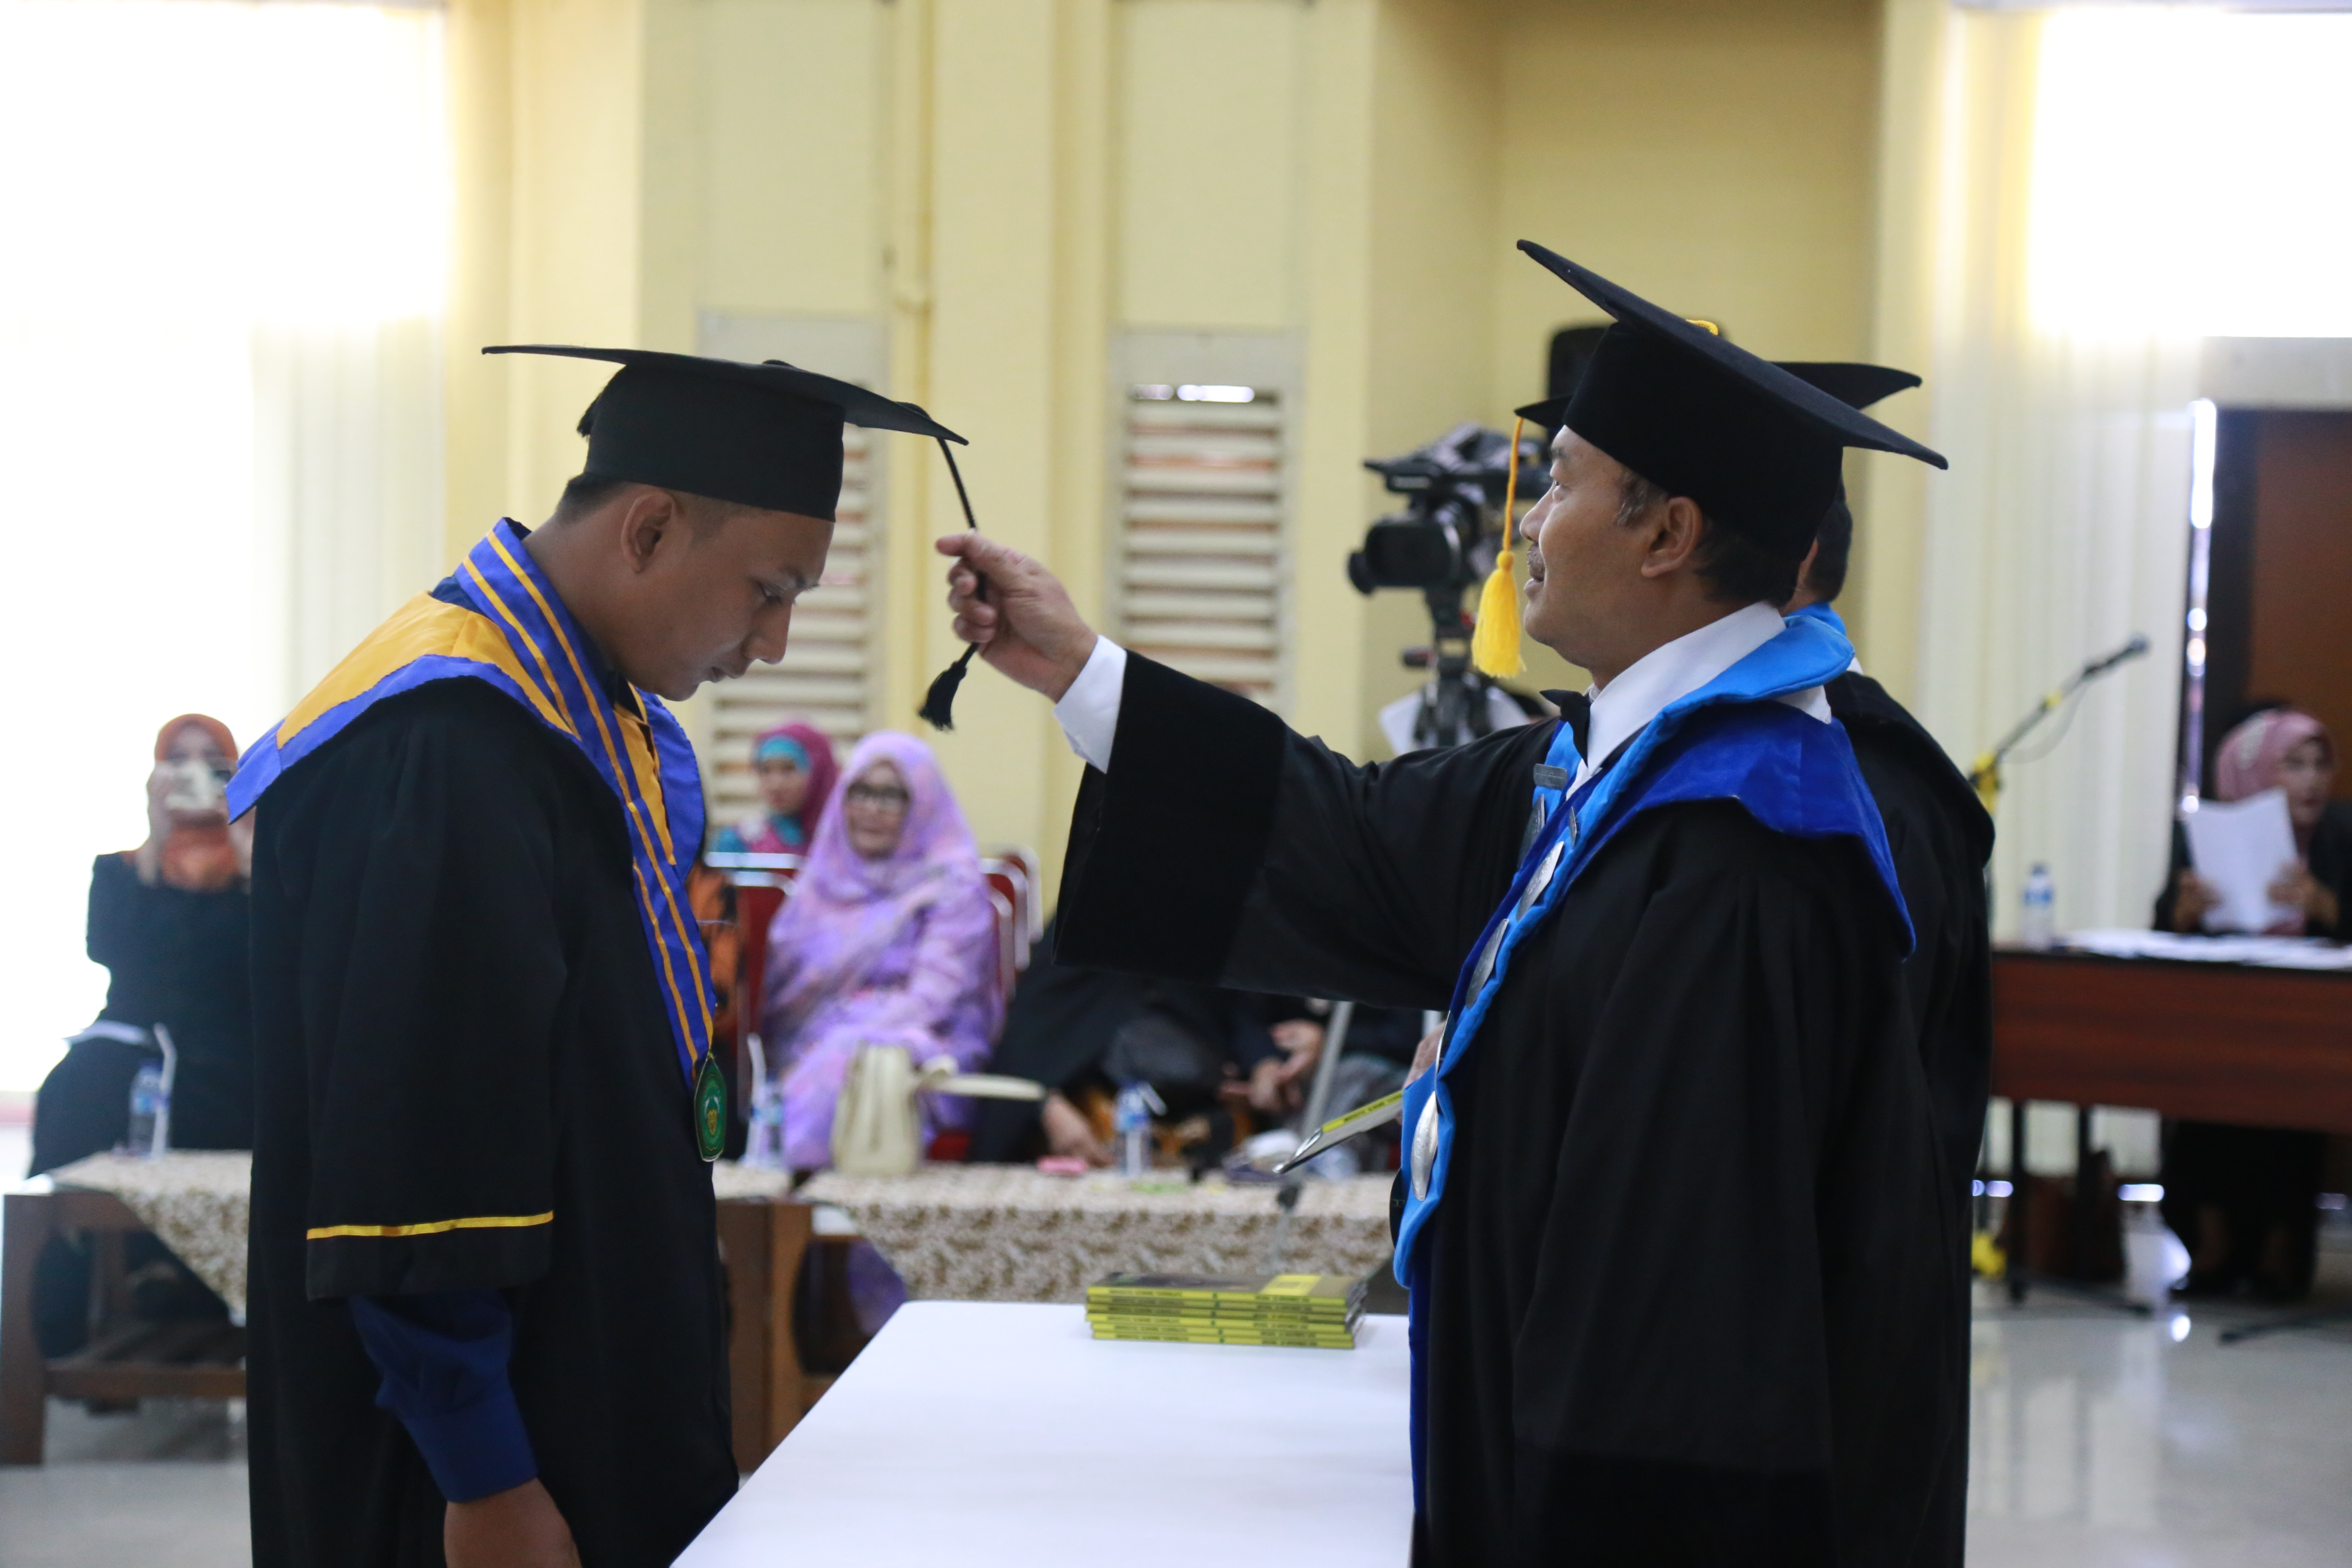 Universitas Siliwangi Mewisuda 561 Lulusan